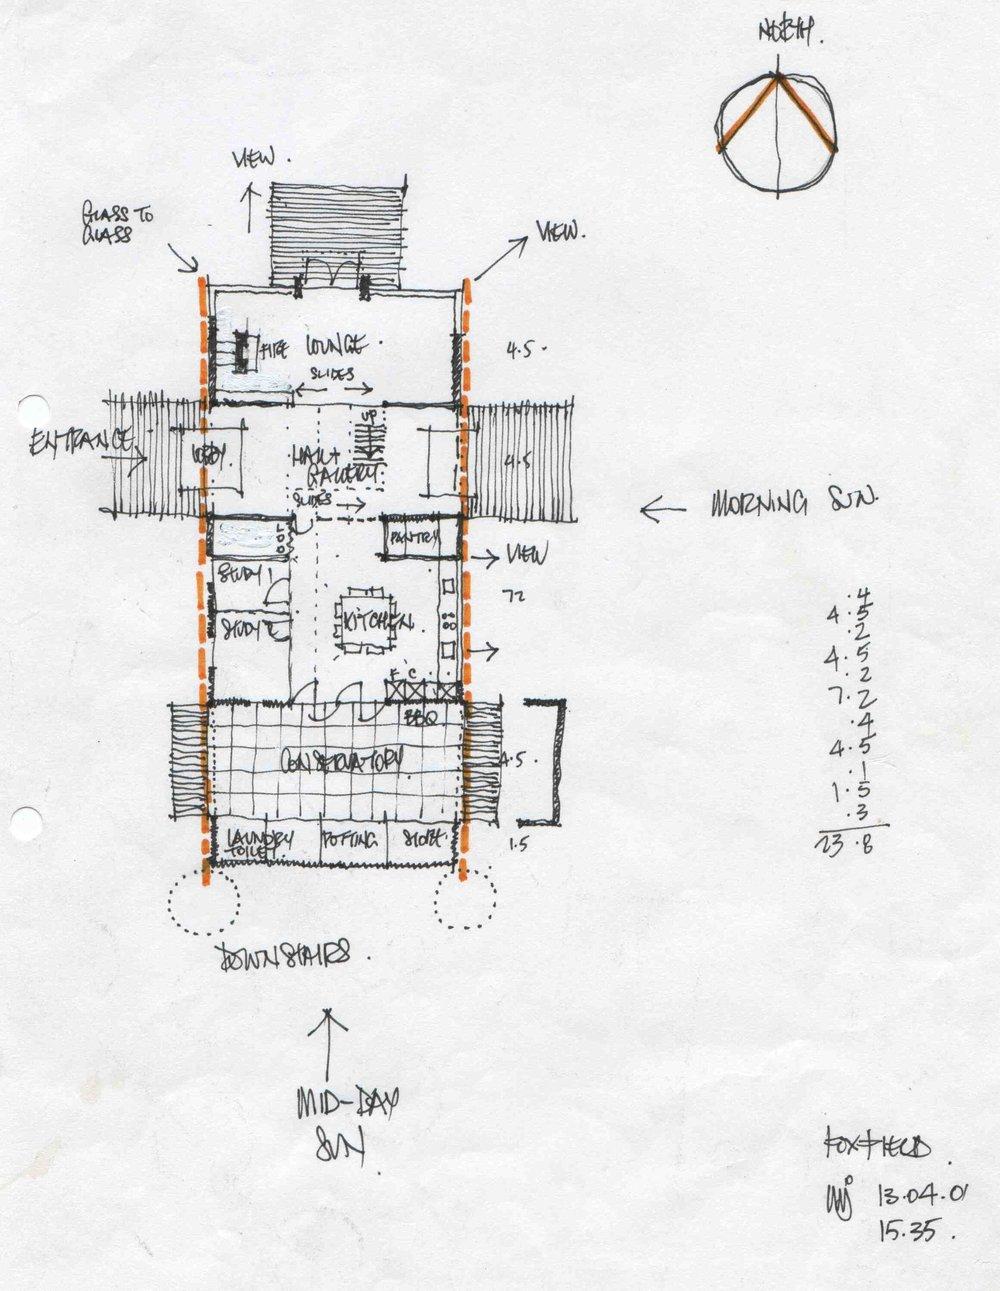 Foxfield Gr Plan.jpg